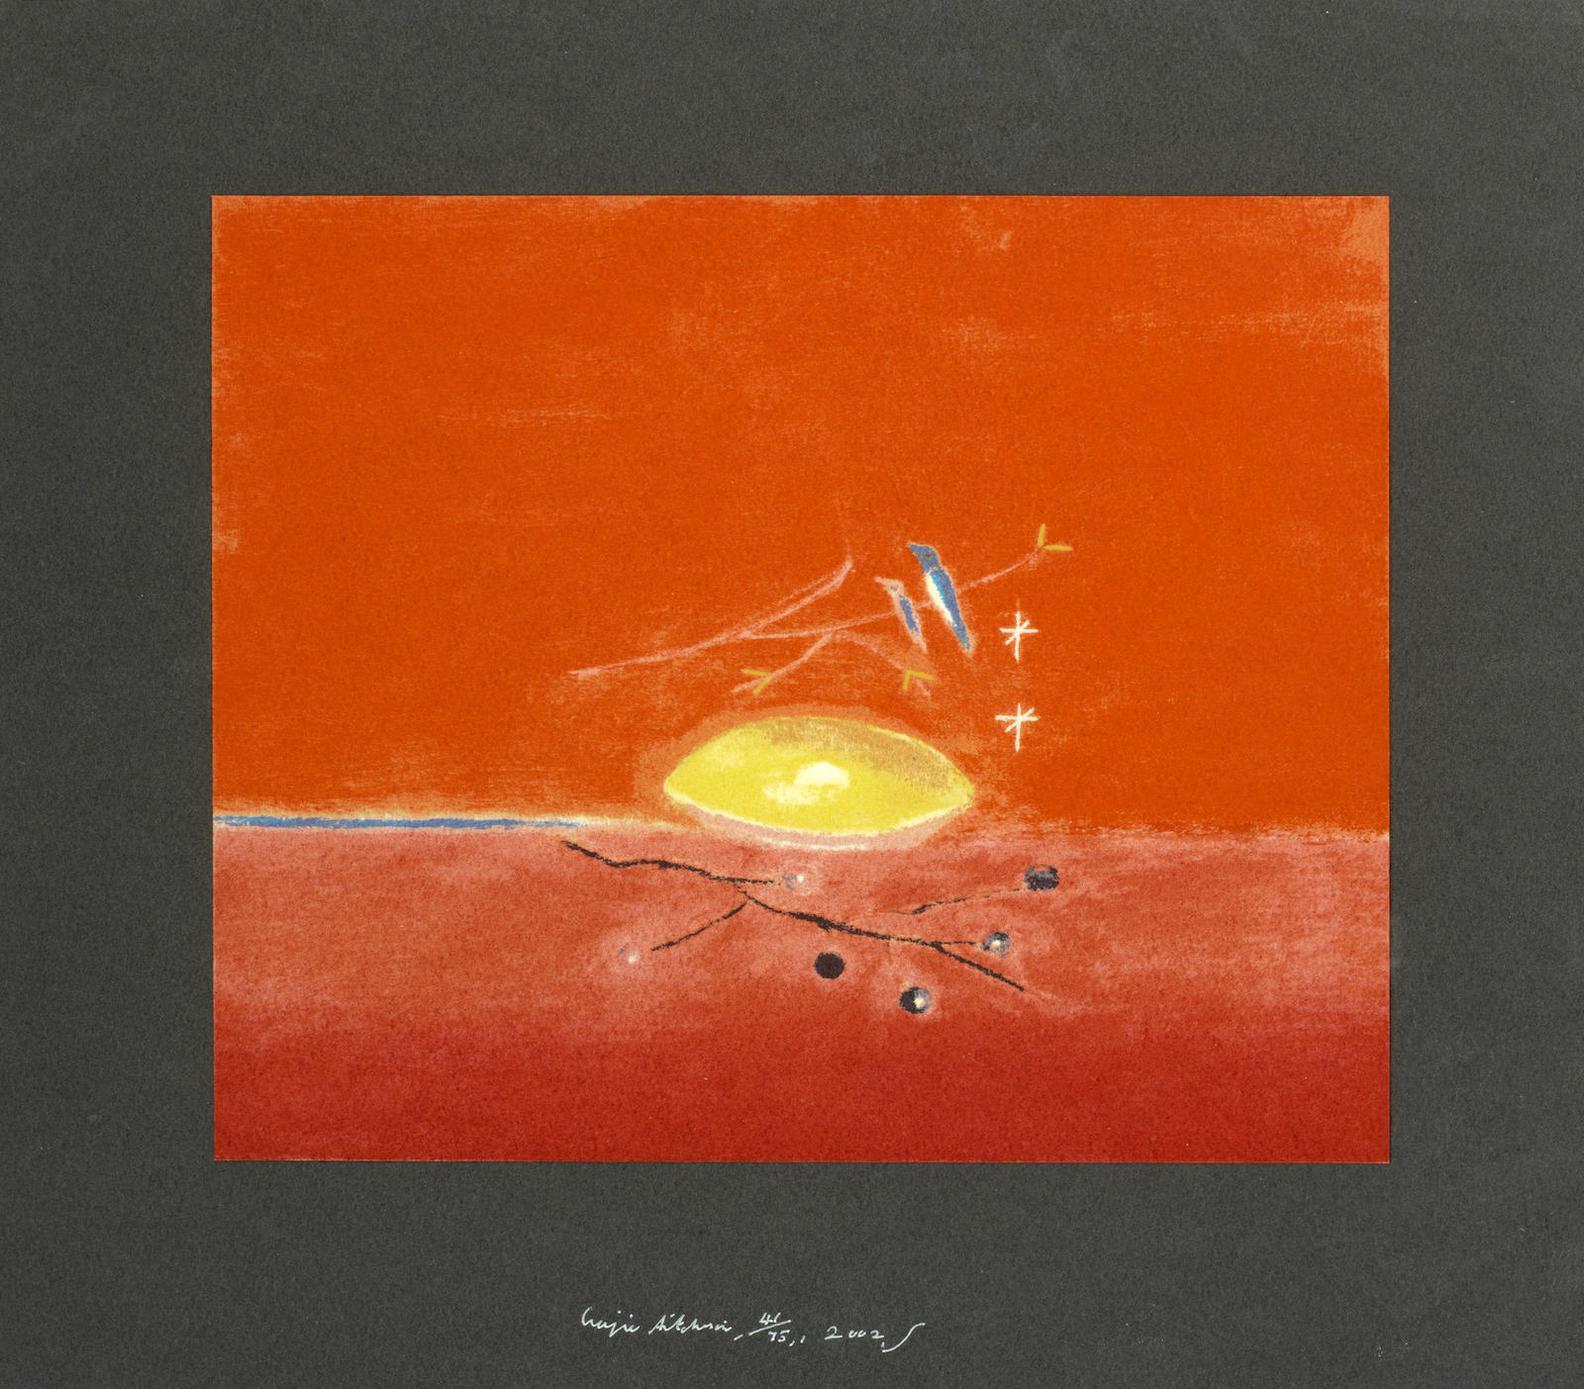 Craigie Aitchison-Lemon & Birds-2002